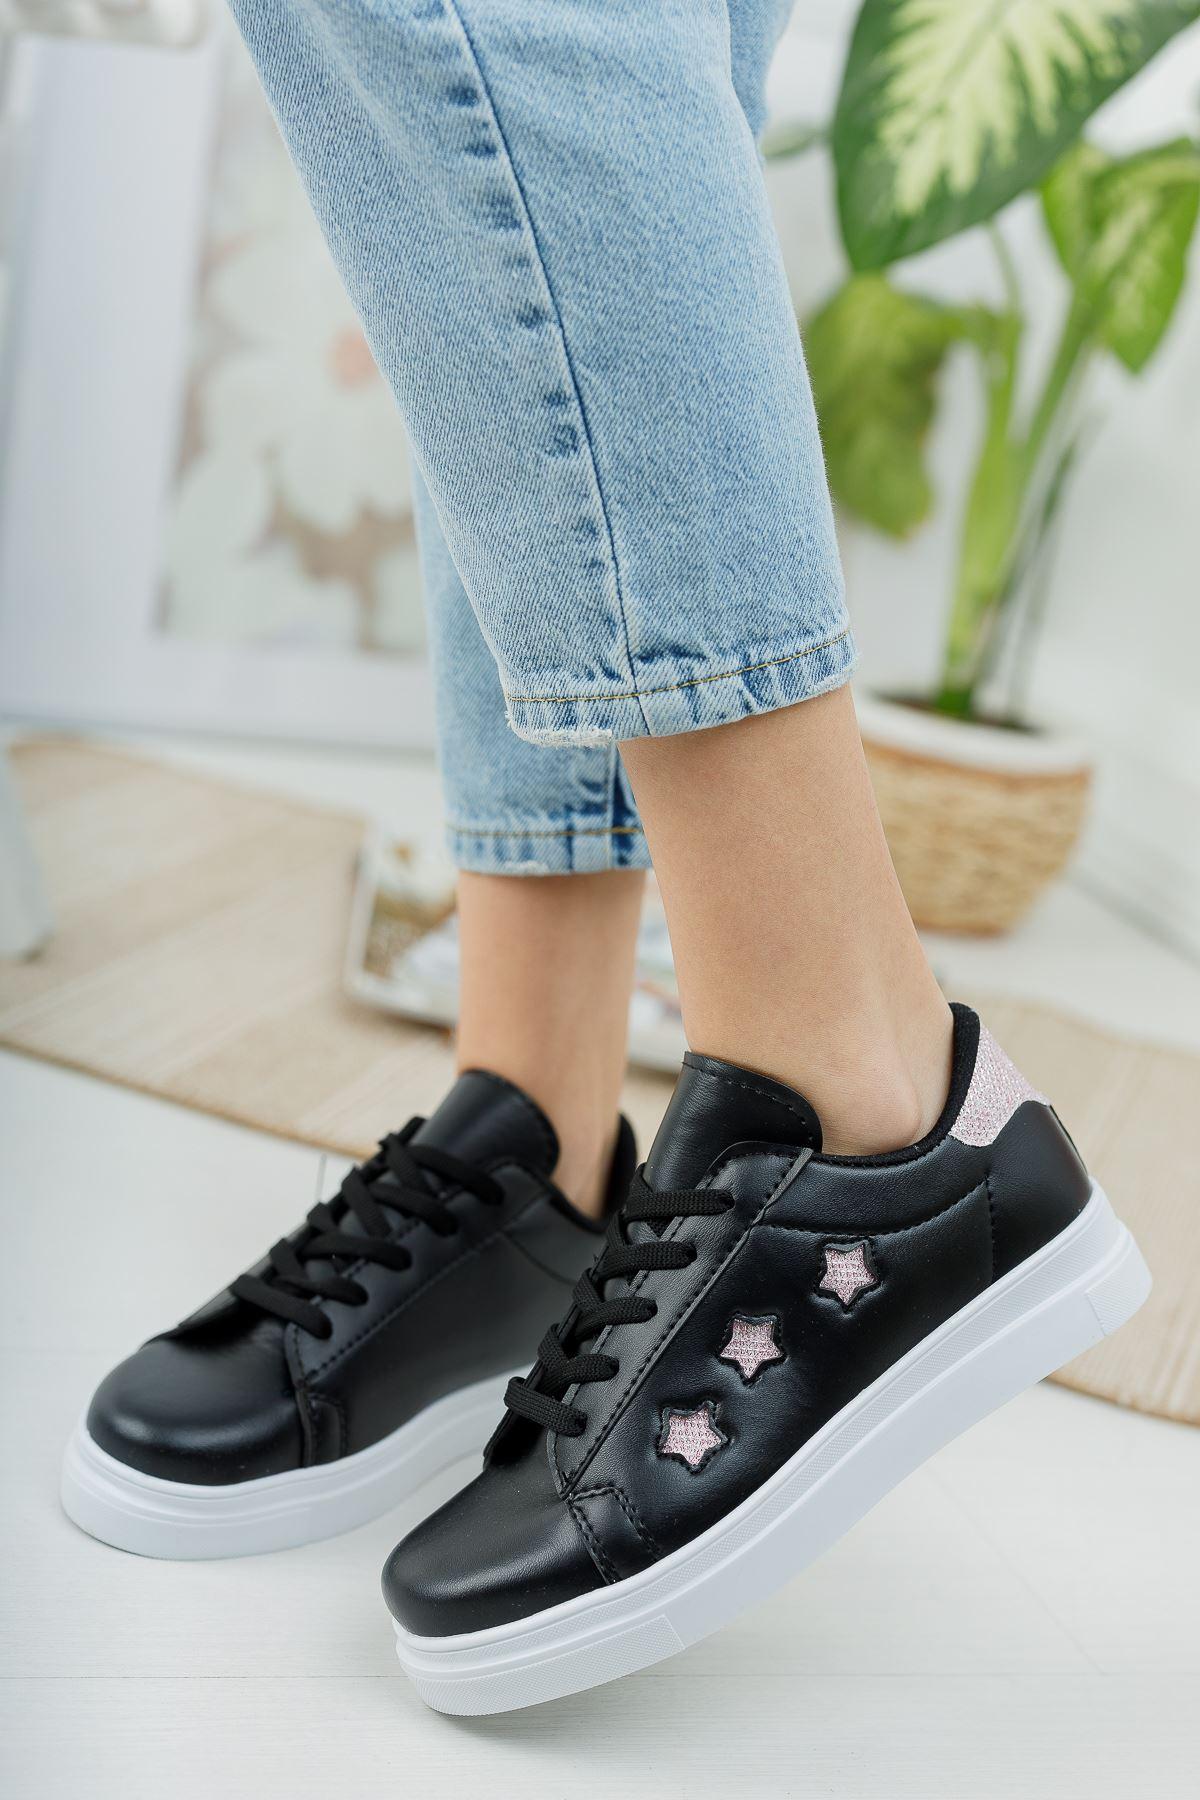 Bağcıklı Yıldızlı Siyah Tabanı Beyaz Spor Ayakkabı